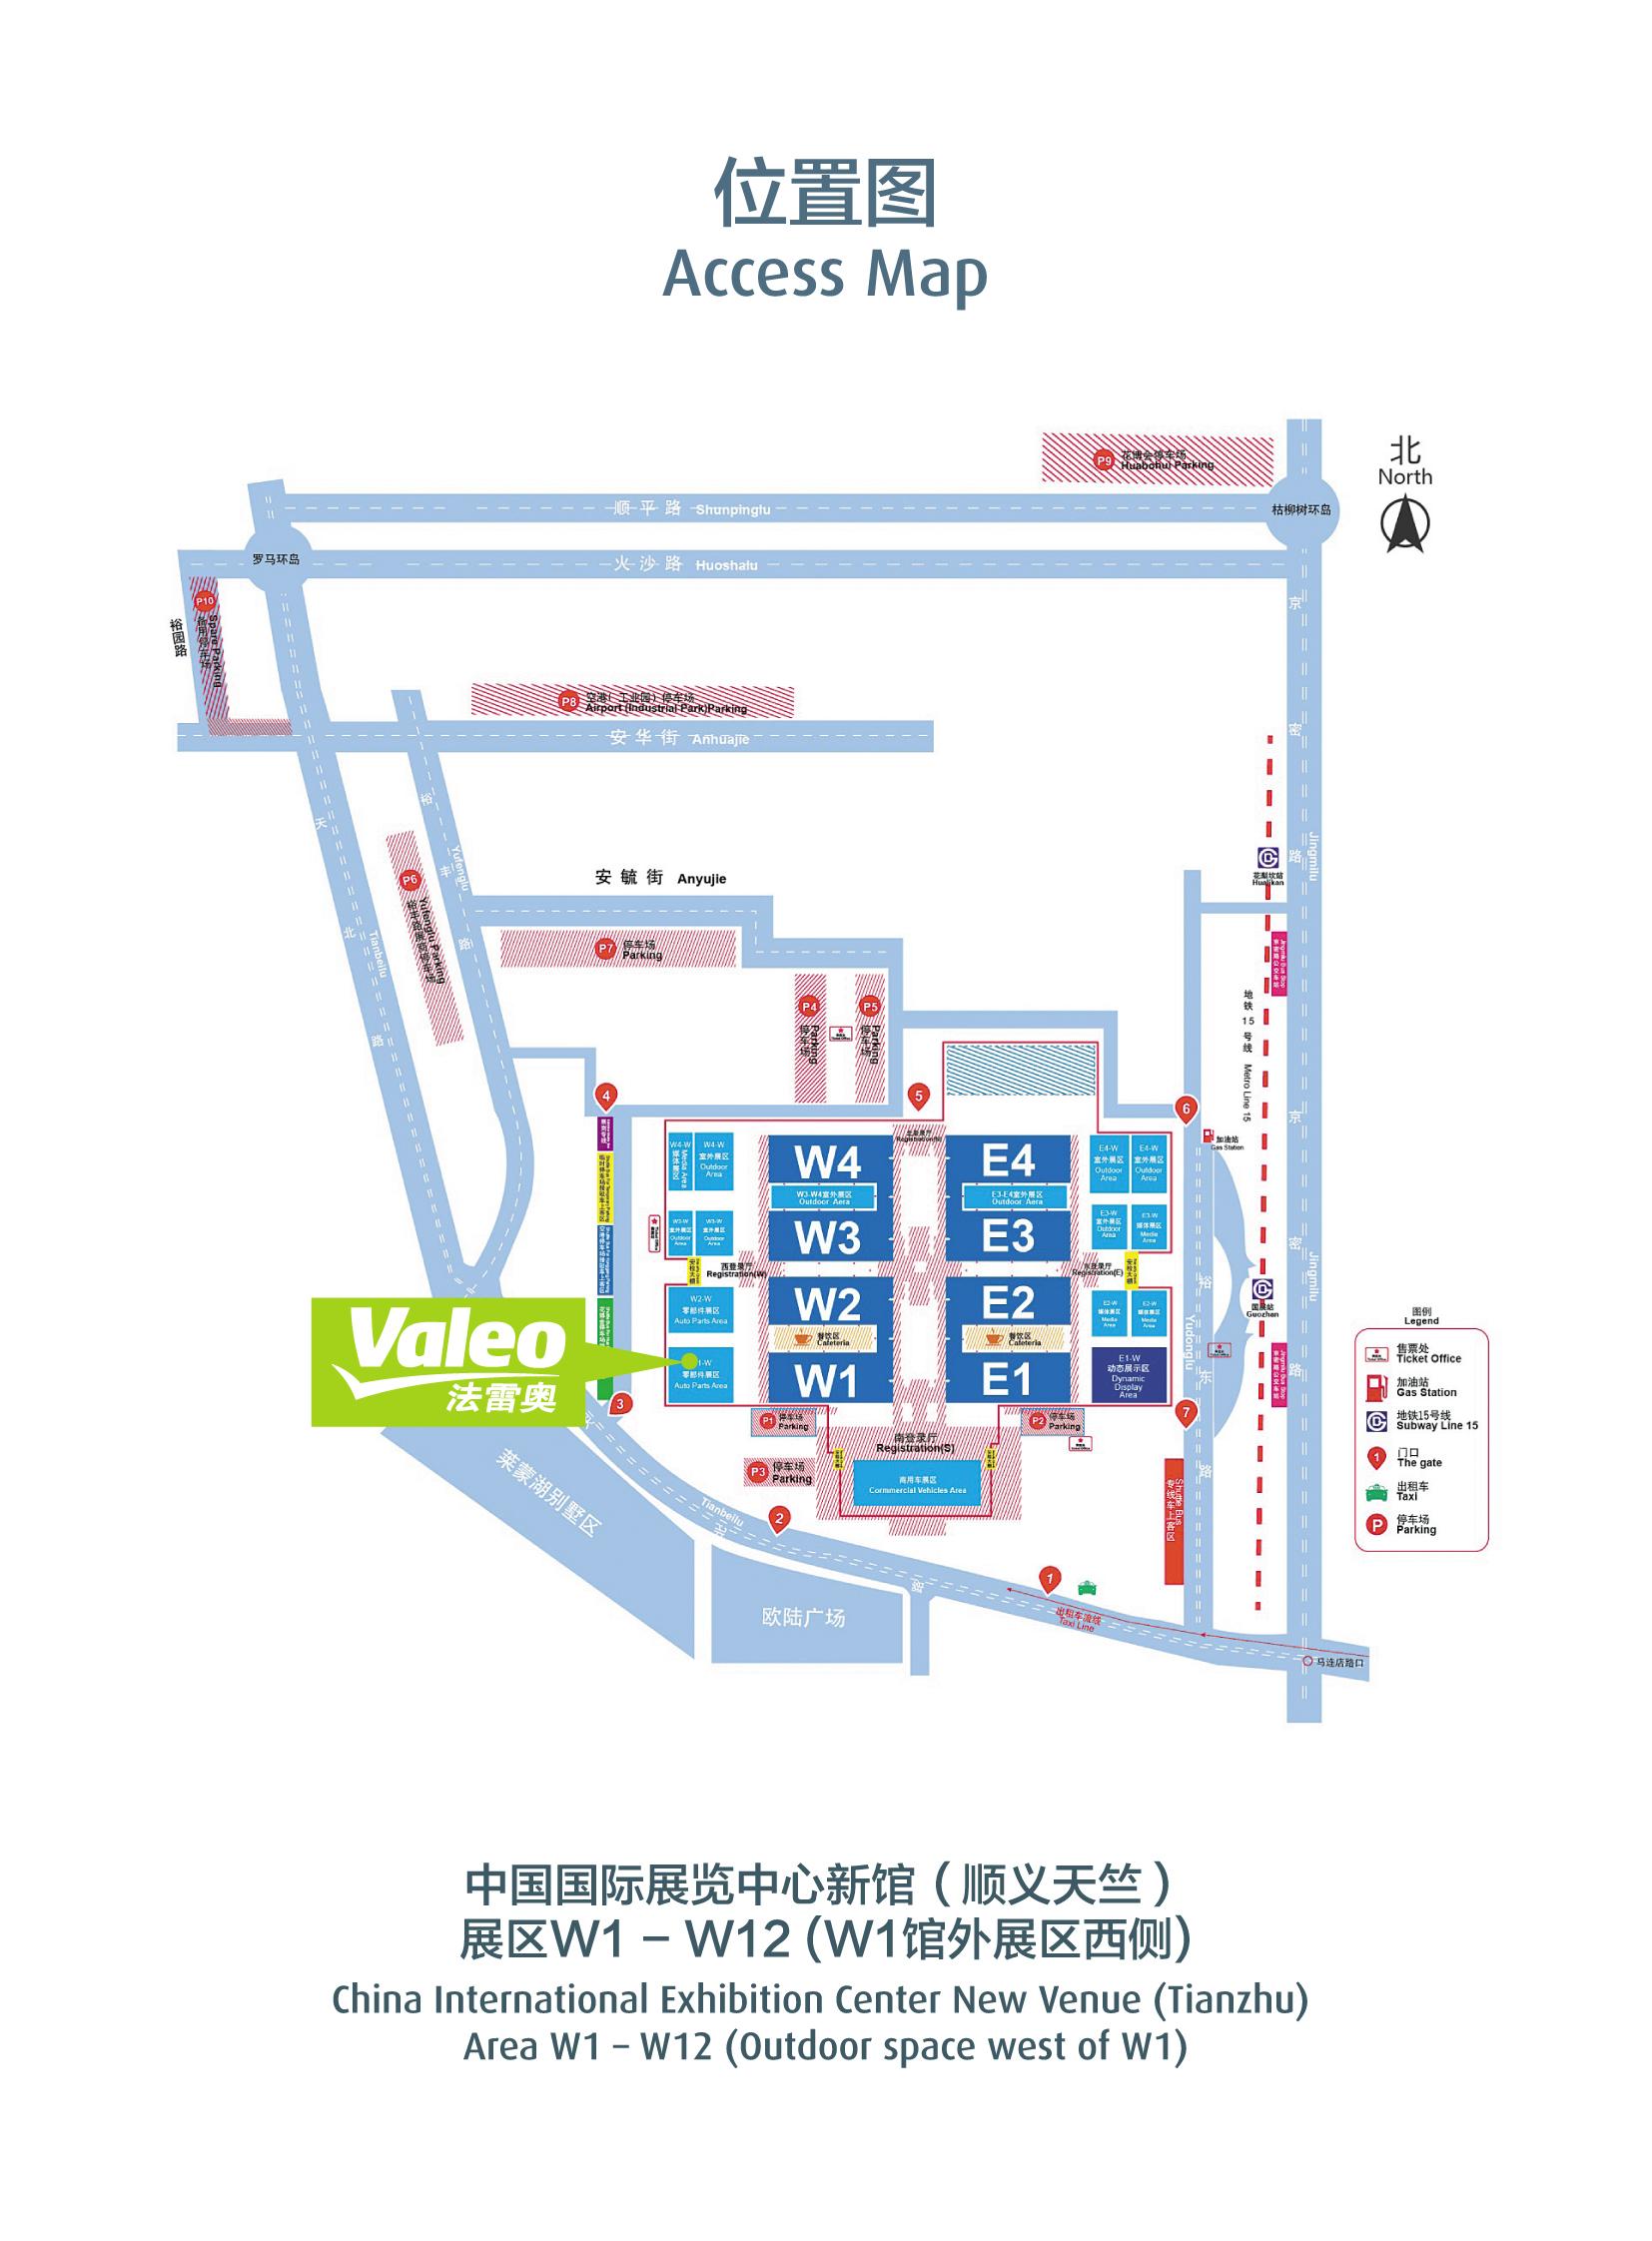 auto-china-2018-Access-map-to-Valeo-